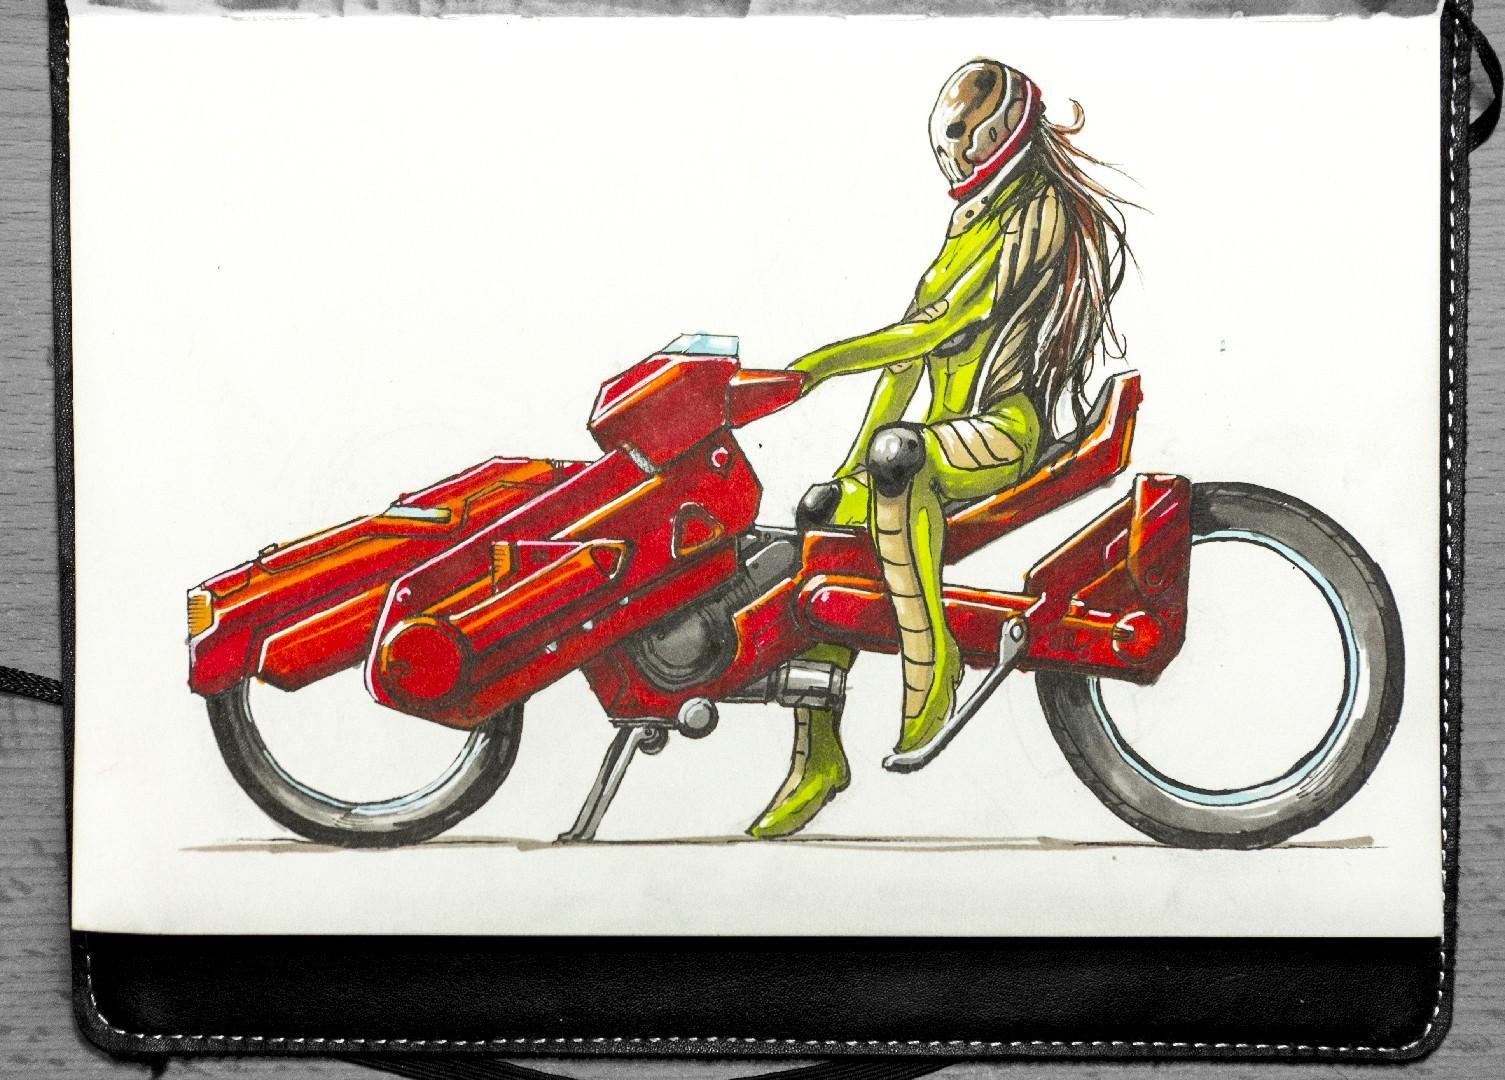 scifi motocykl